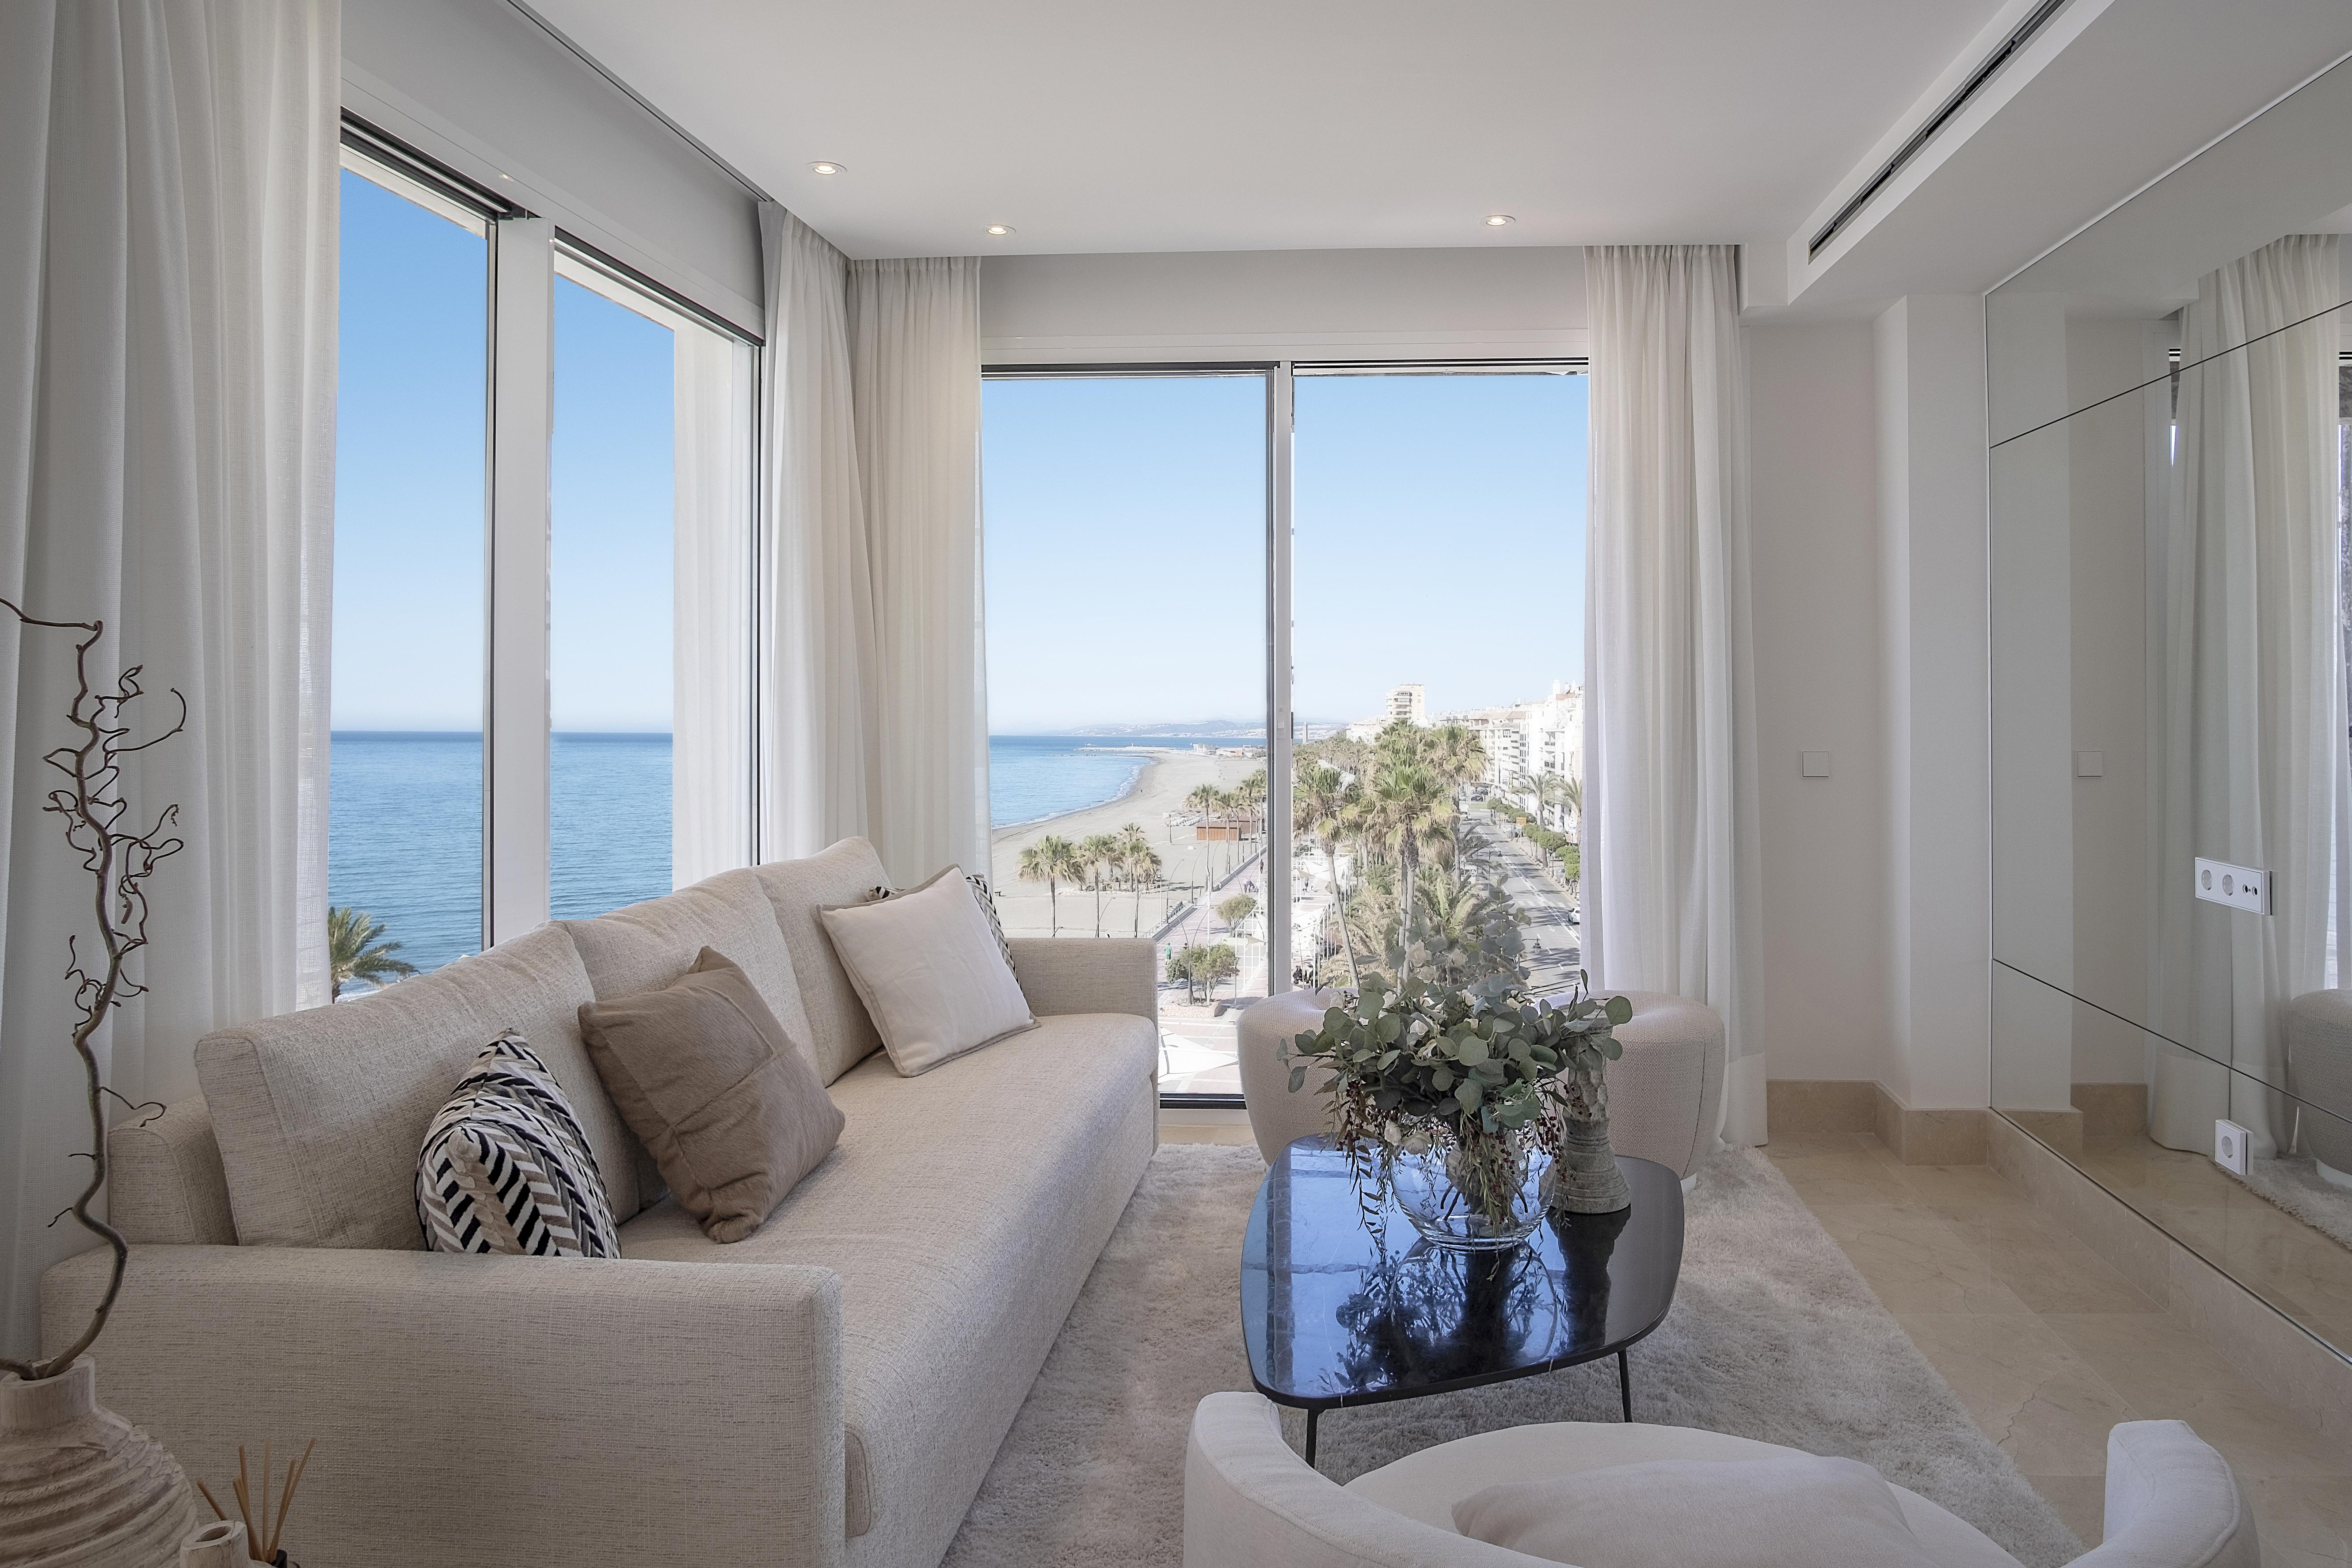 359-00070P: Penthouse in Estepona